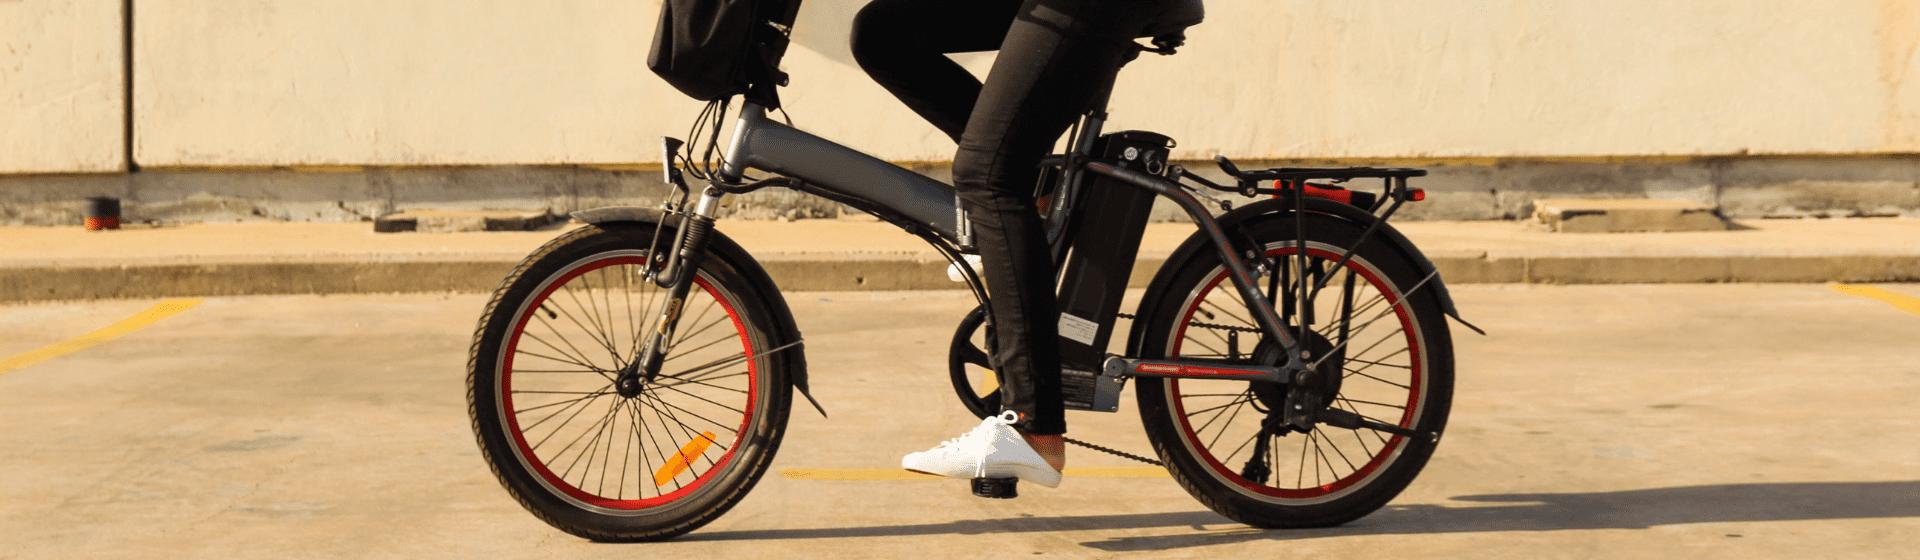 Melhor bicicleta elétrica de 2021: 5 modelos para comprar